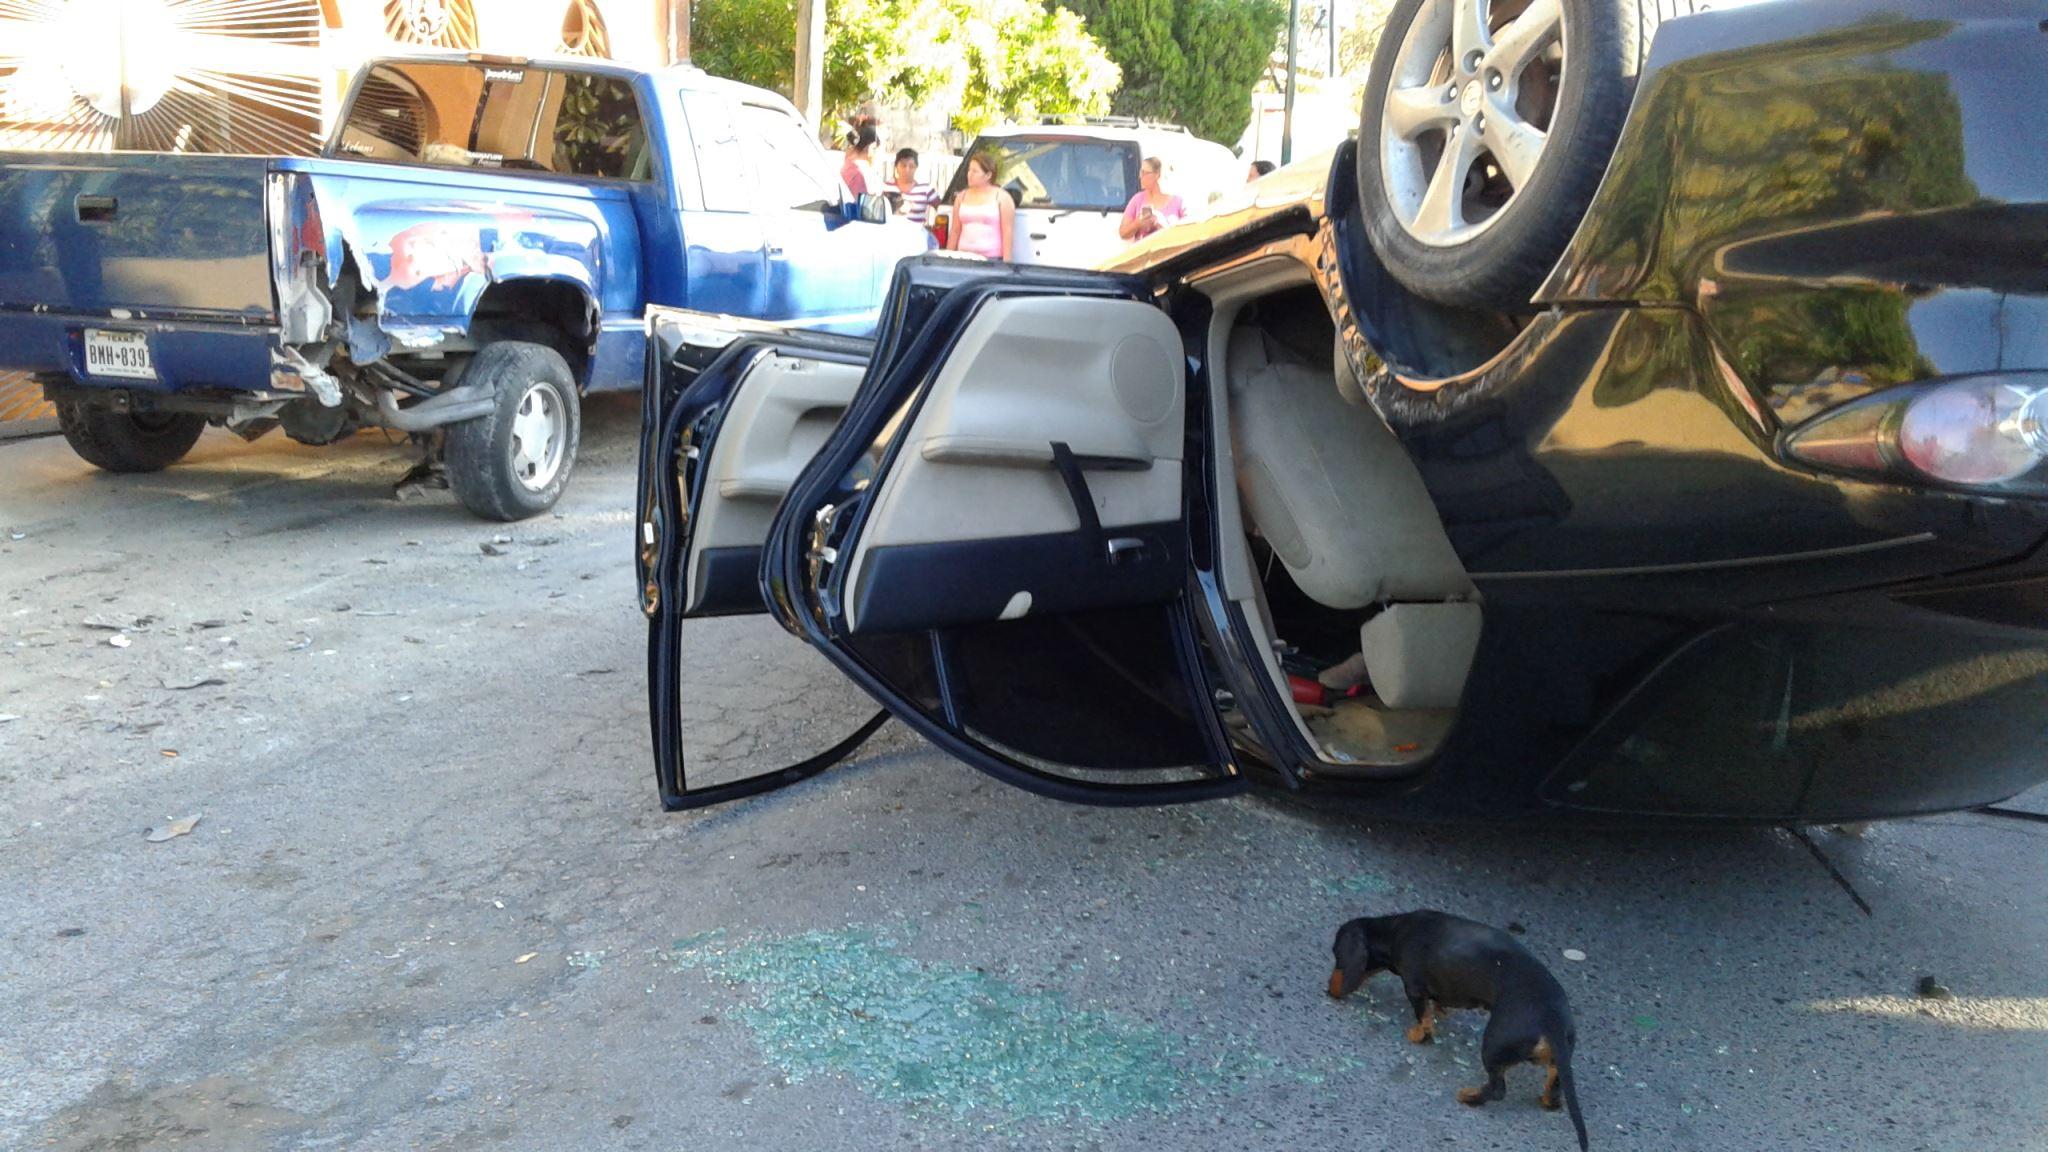 CRISTALES. En la carpeta asfáltica de la calle Río San Fernando, quedaron esparcidos una considerable cantidad de cristales y fragmentos de plástico, como resultado de los daños en las unidades participantes.(foto: Heriberto Rodríguez)